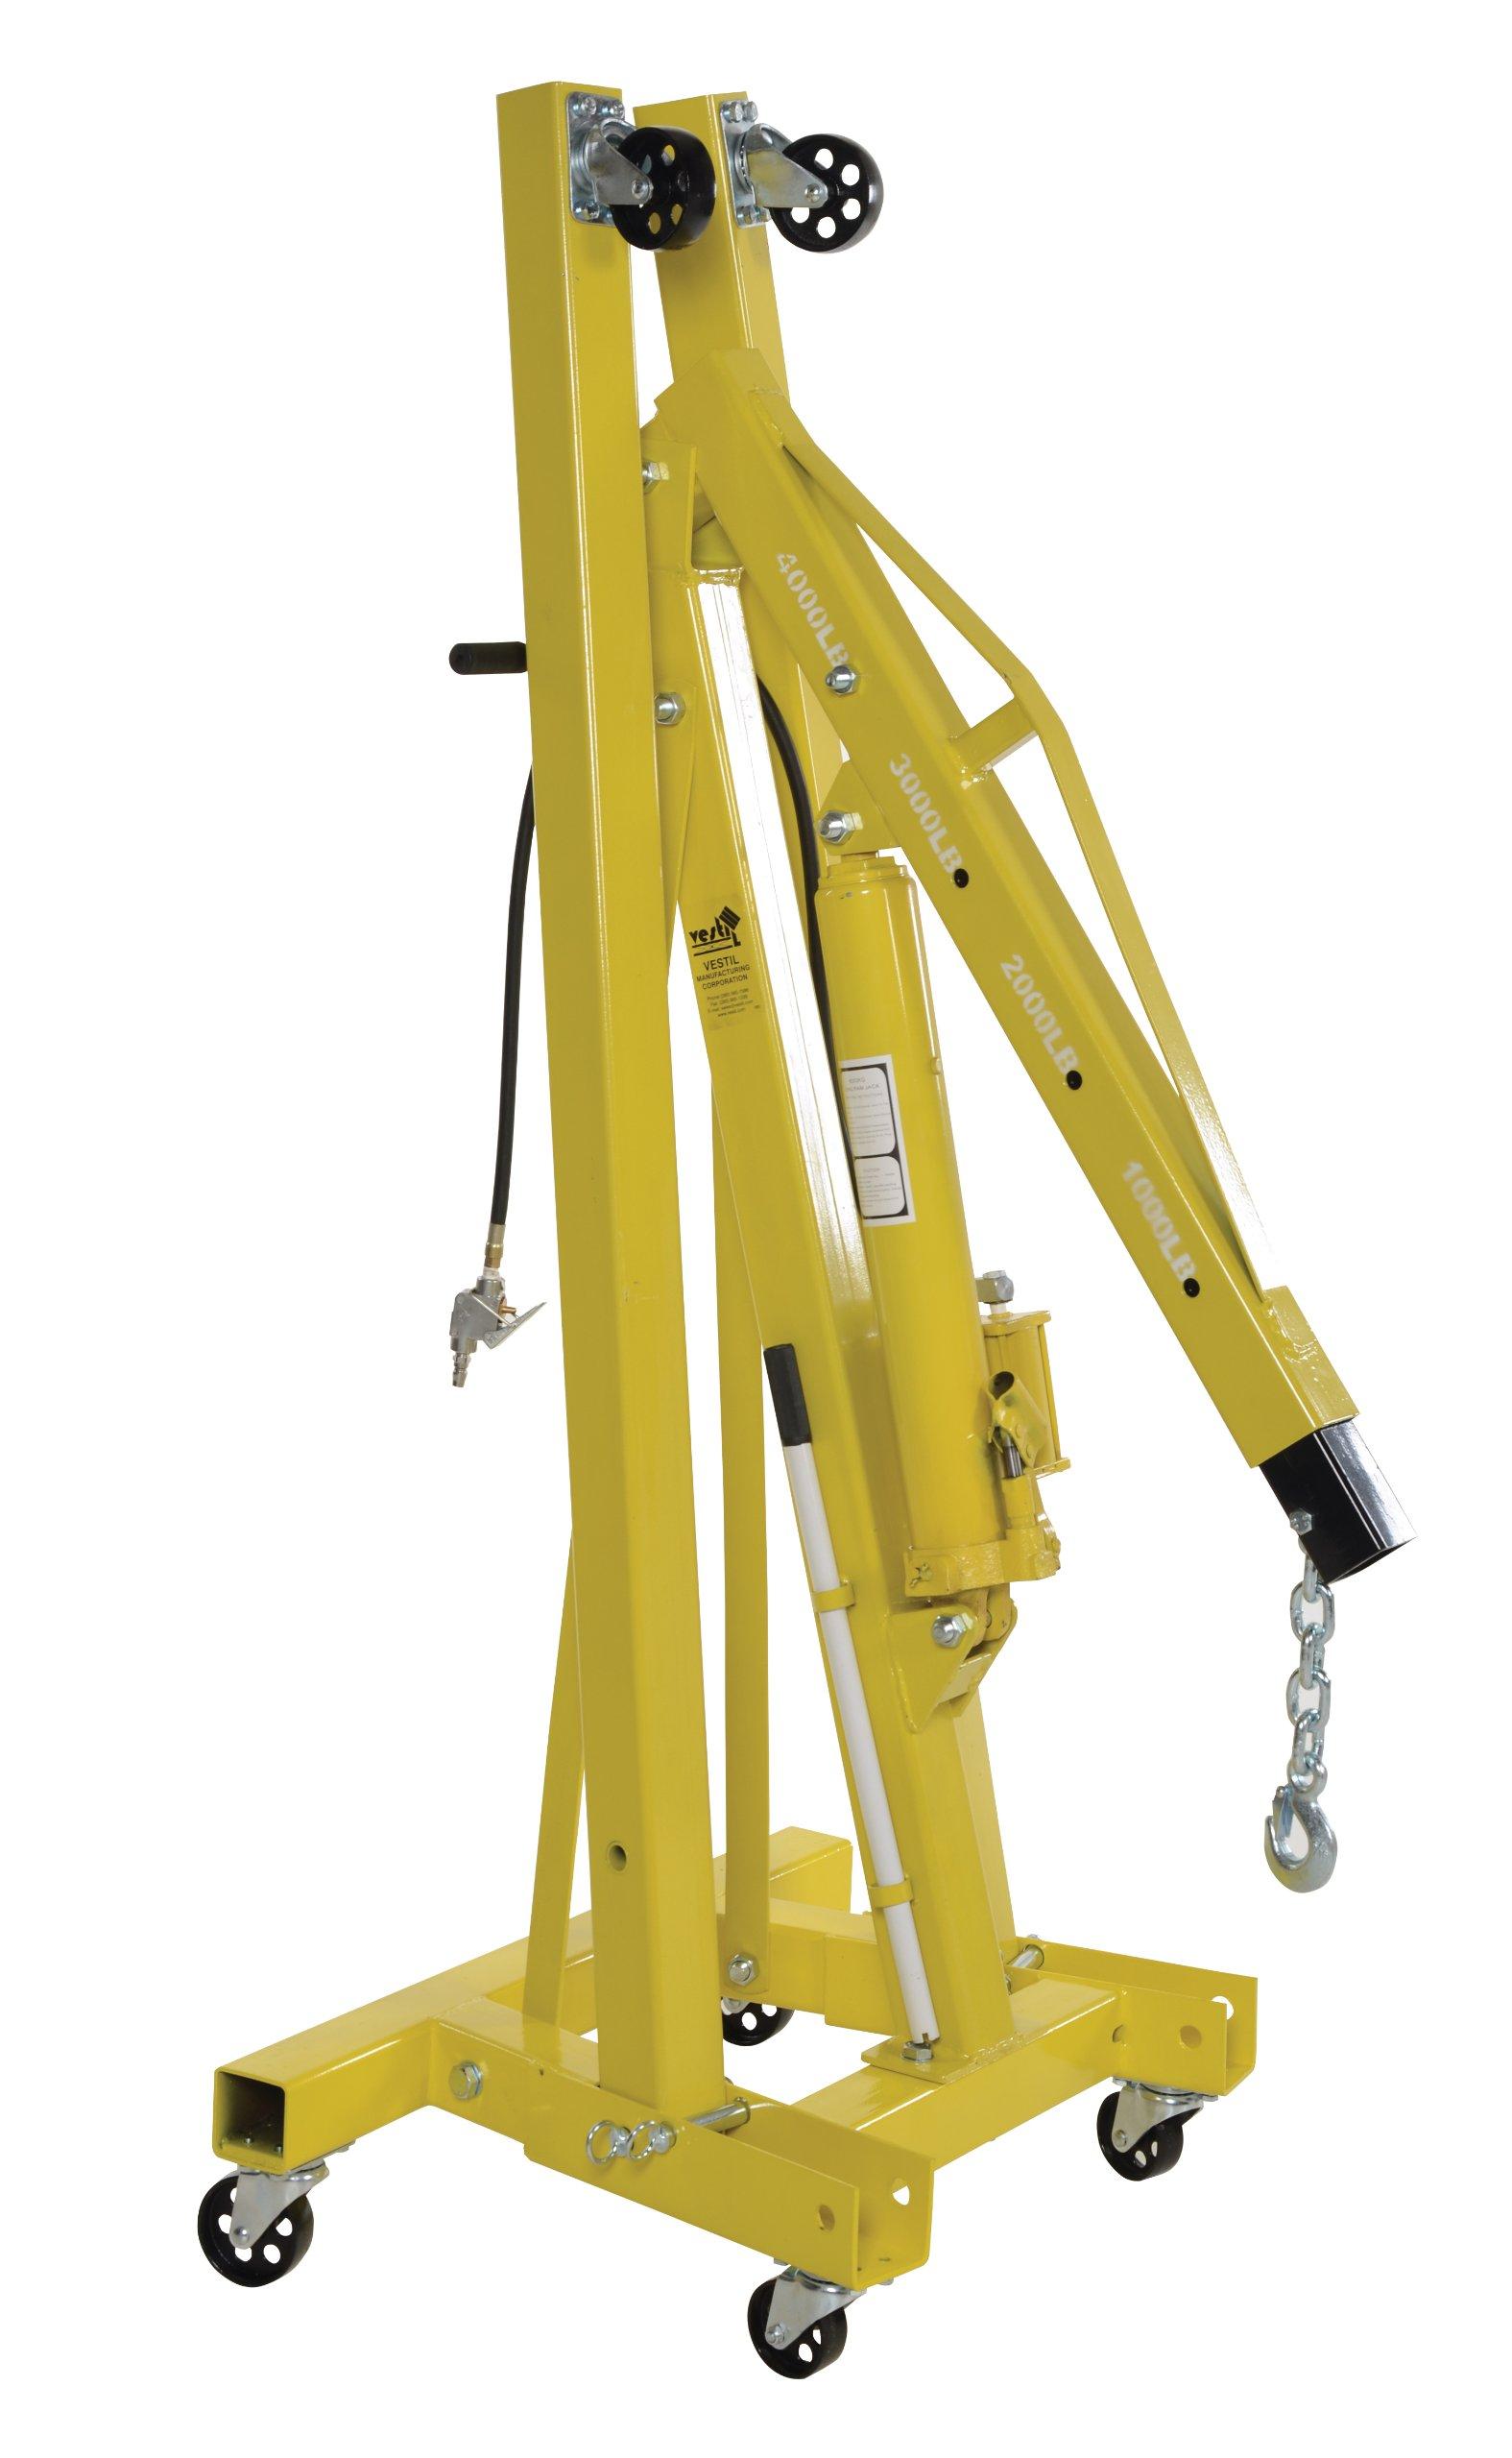 Vestil EHN-40-C-AH Steel Air/Hand Pump Hydraulic Shop Crane Engine Hoist with Folding Legs 4000 lbs Capacity by Vestil (Image #4)